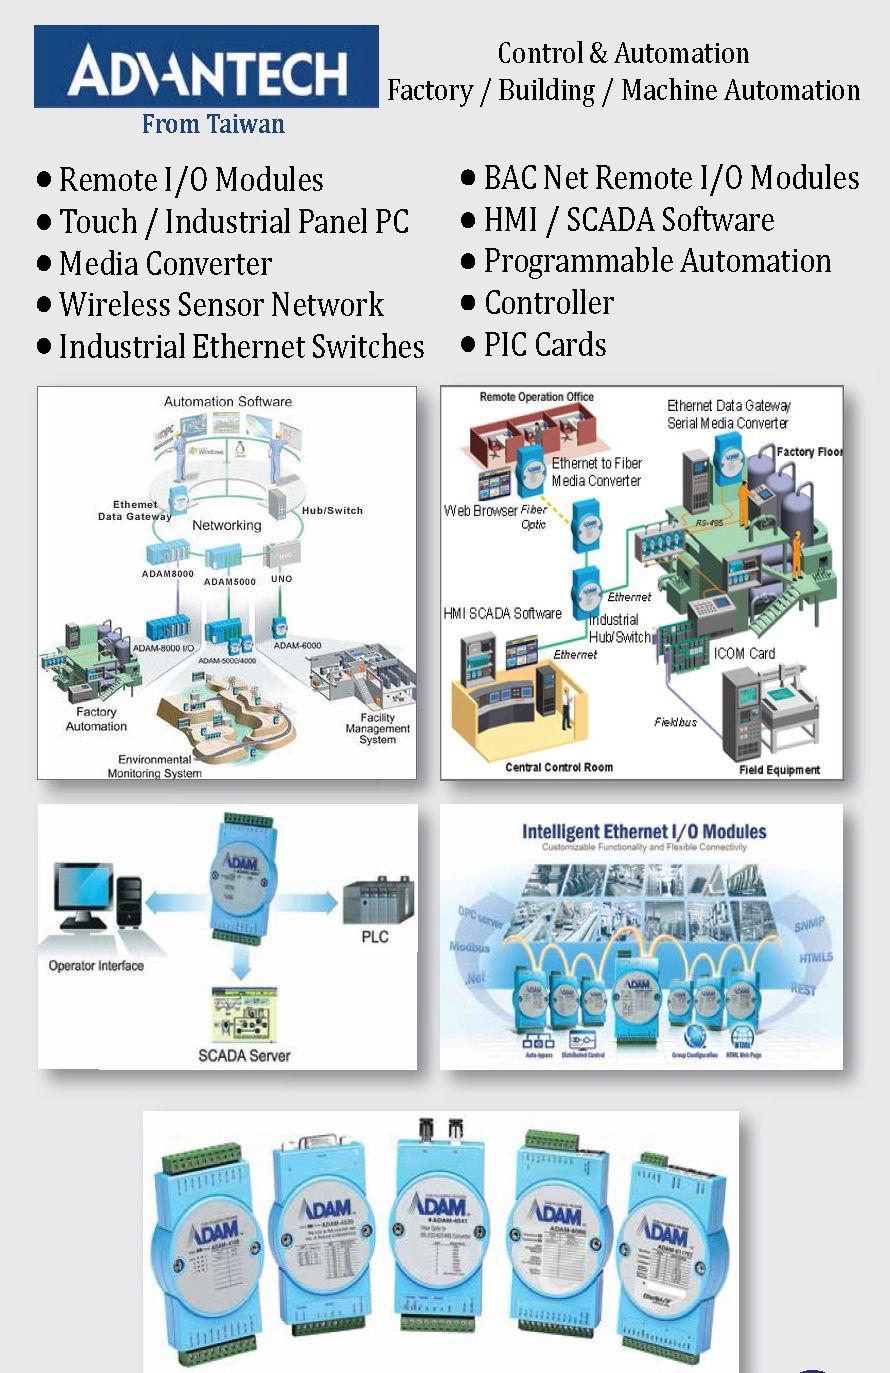 Advantech - Data Acquisition